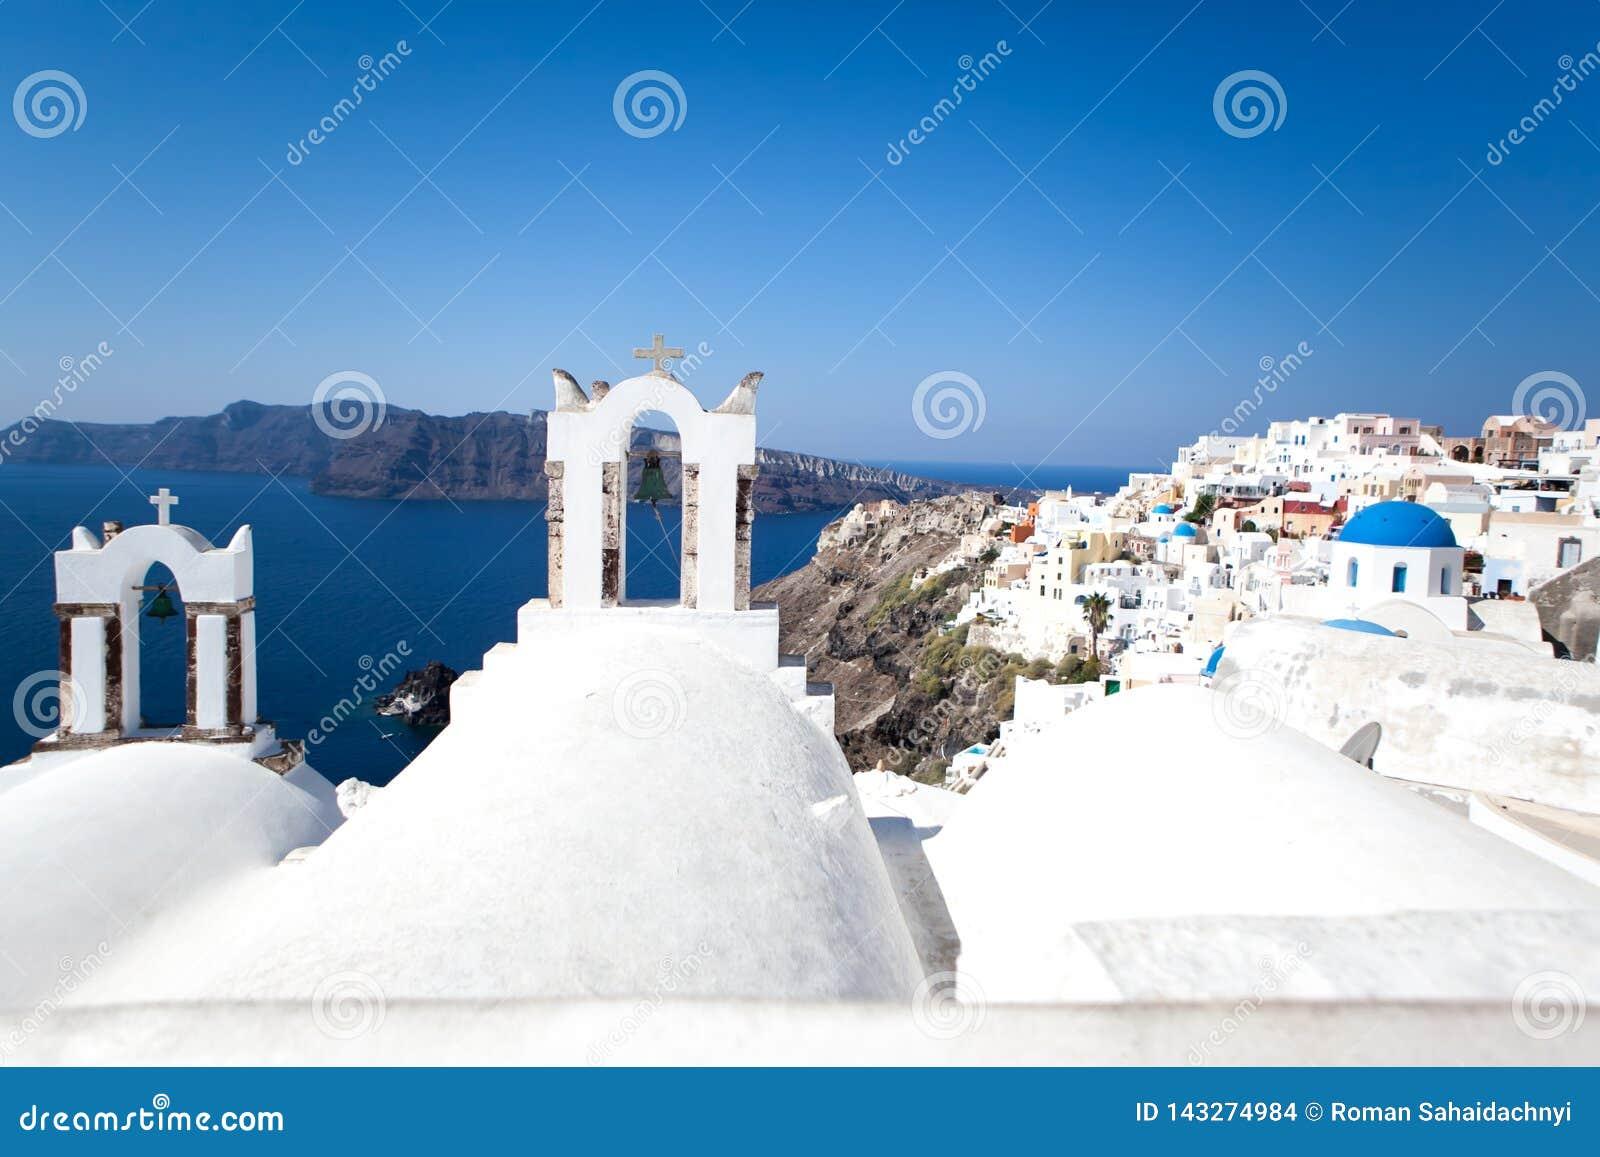 Oia stad op Santorini-eiland, Griekenland Traditionele en beroemde witte huizen en kerken met blauwe koepels over de Caldera